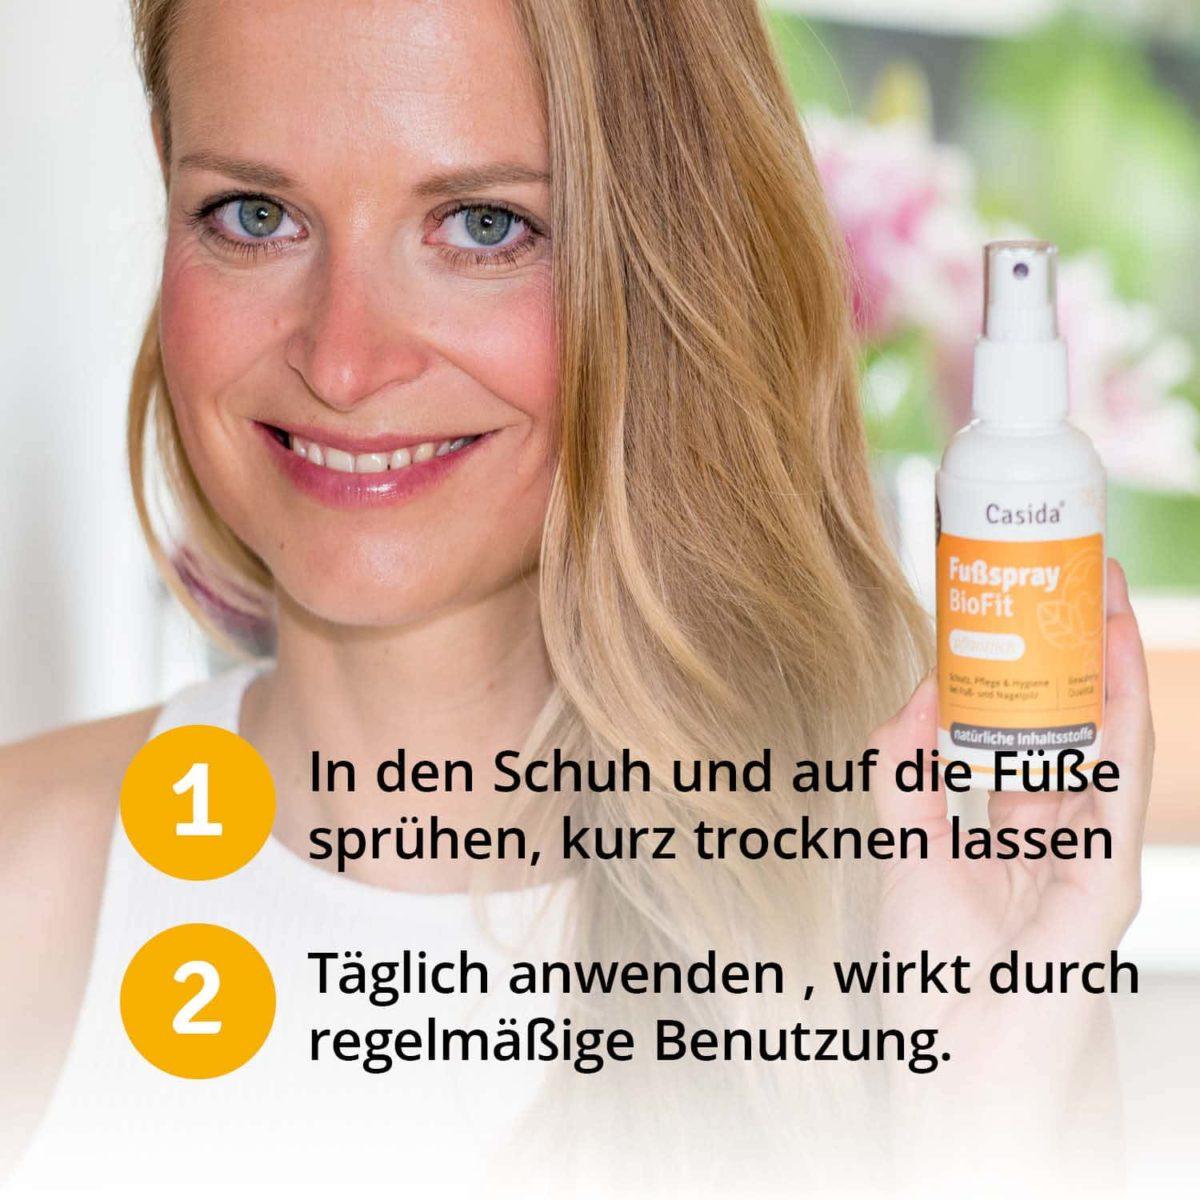 Casida Fußspray BioFit Pflanzlich 10751322 PZN Apotheke Nagelpilz Fußpilz6